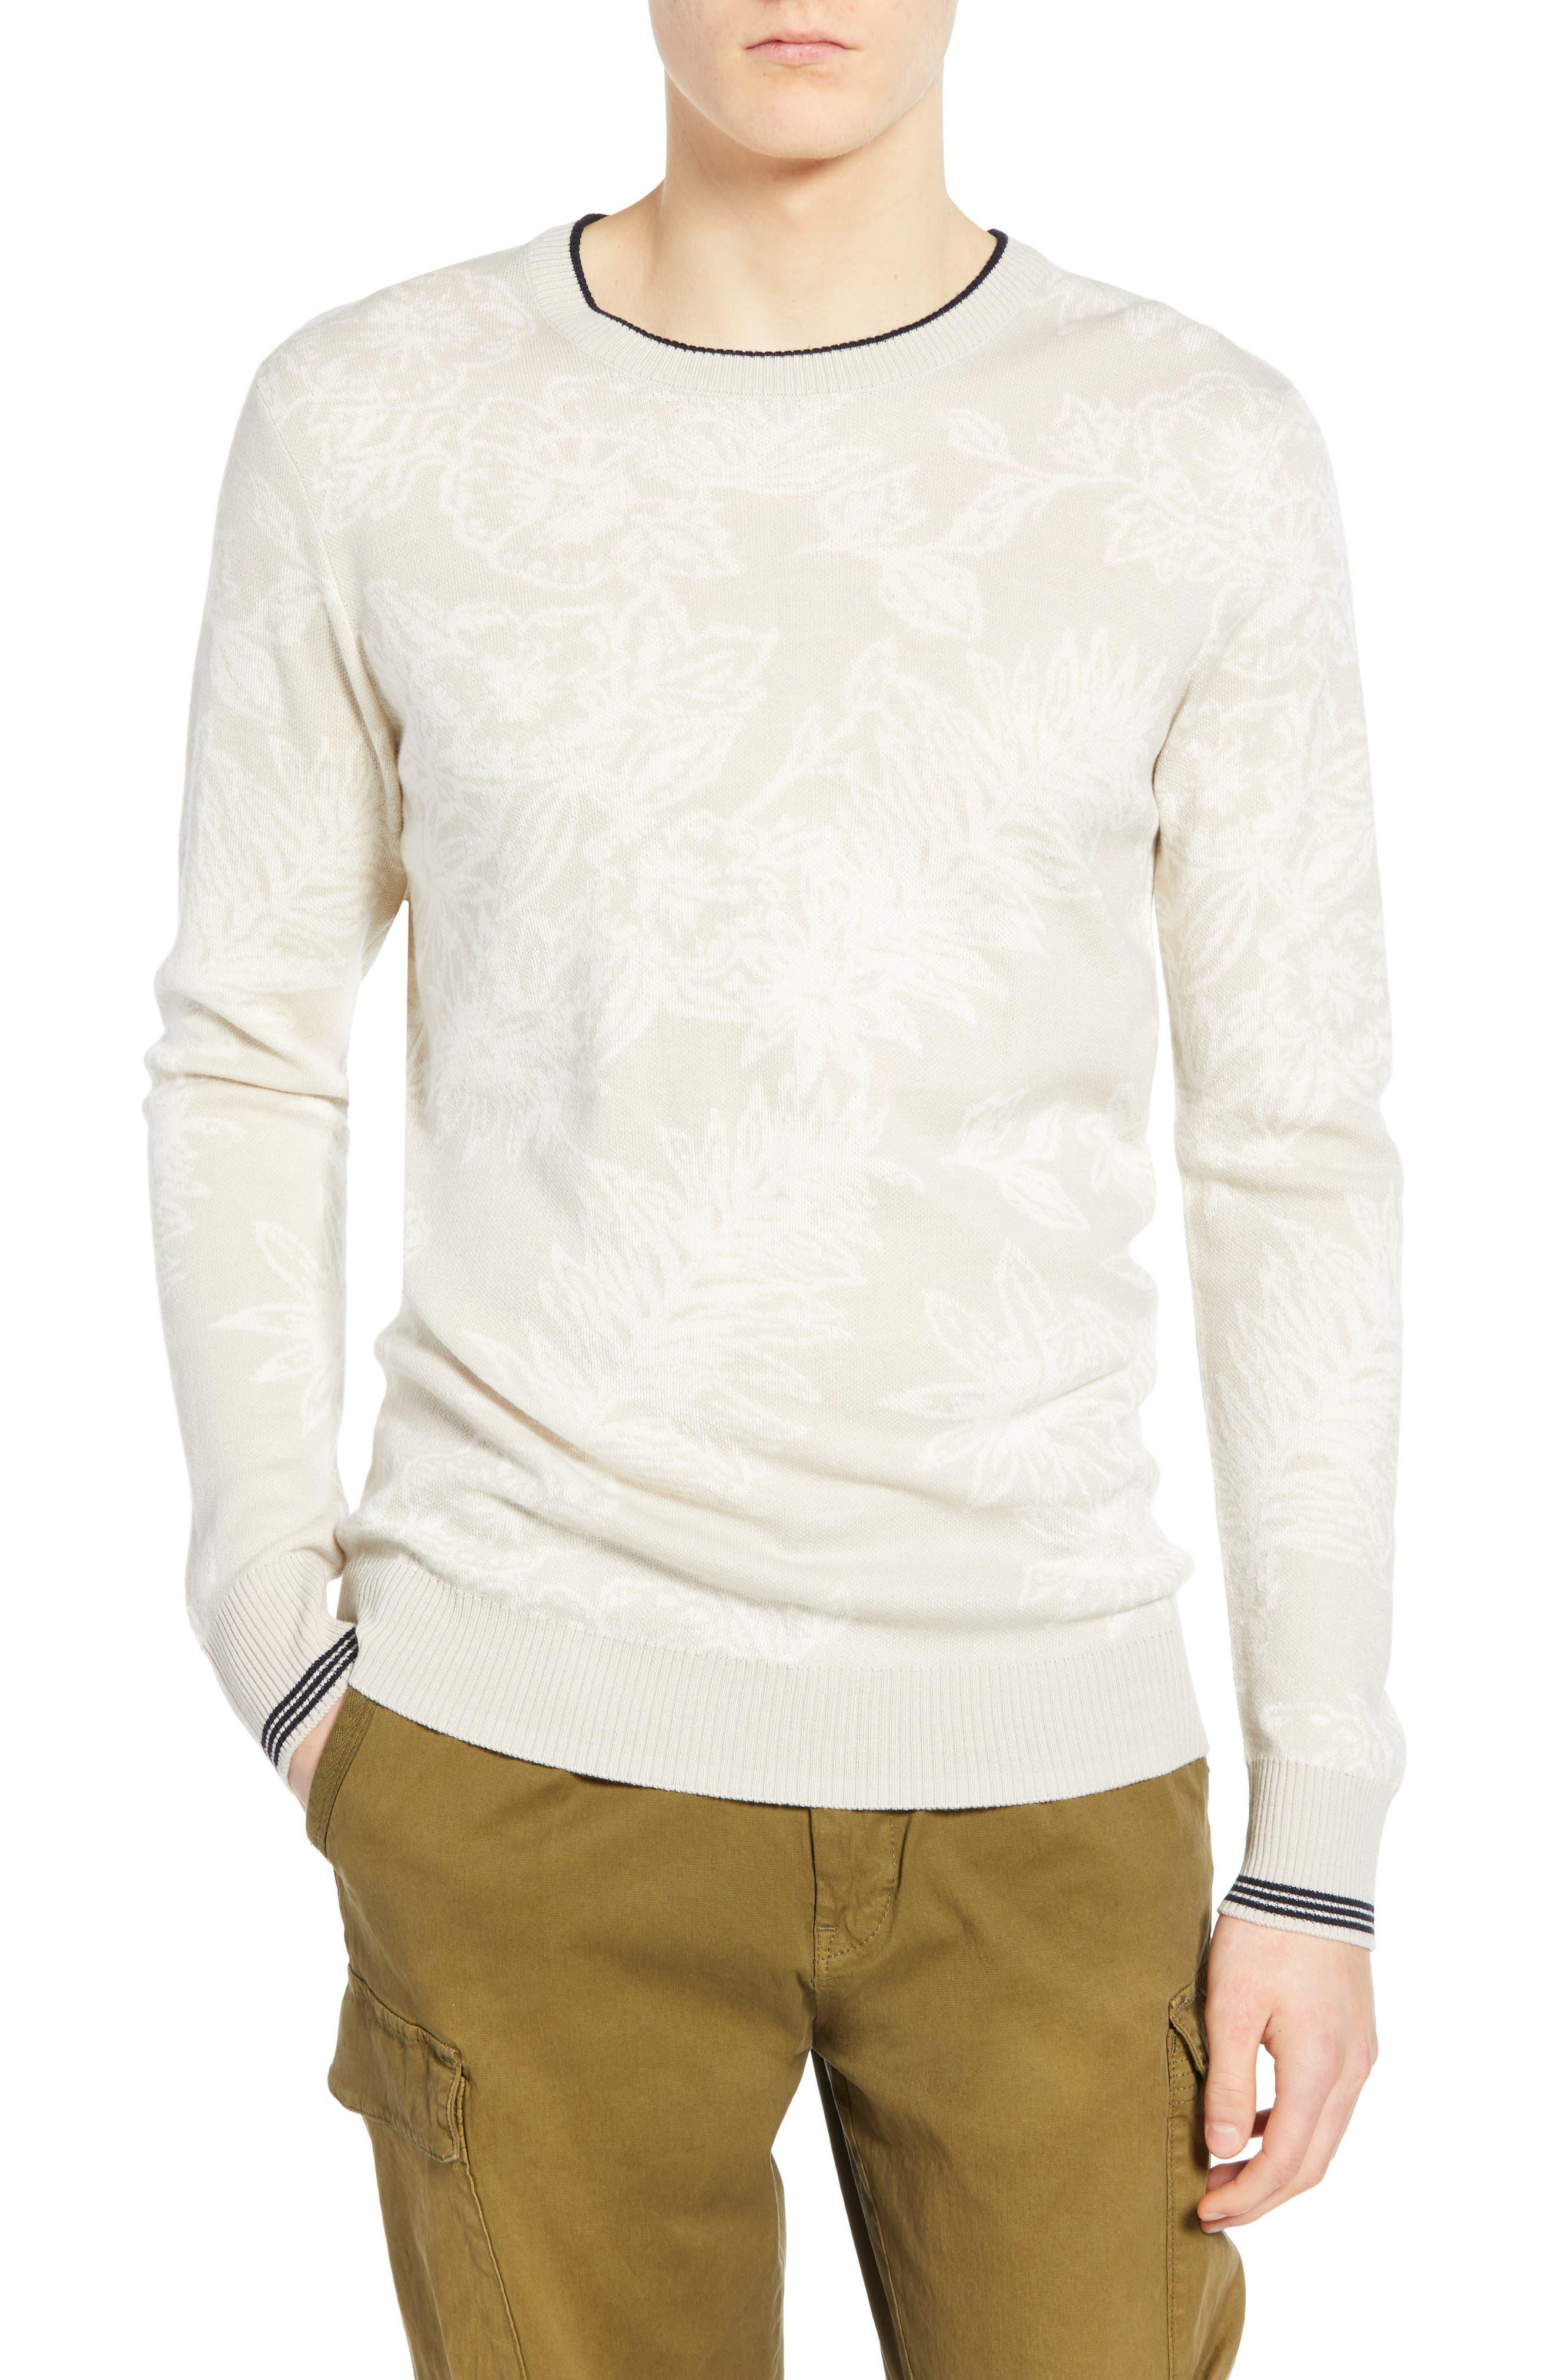 Scotch & Soda Floral Tipped Sweater, Beige